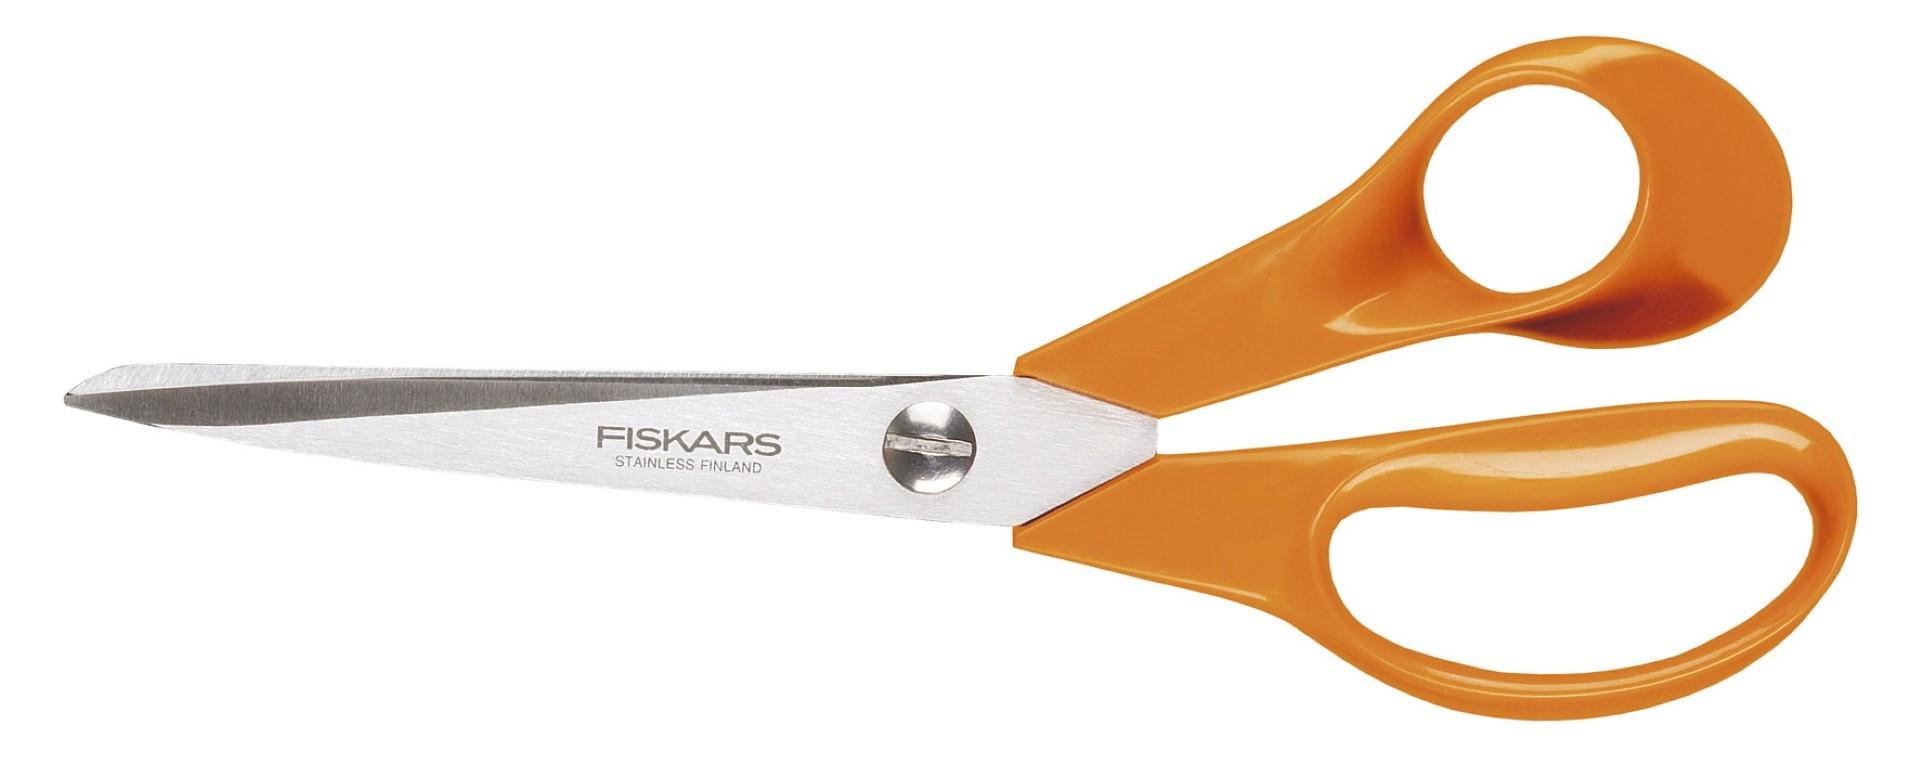 Fiskars classic universele schaar S90 oranje 21 cm